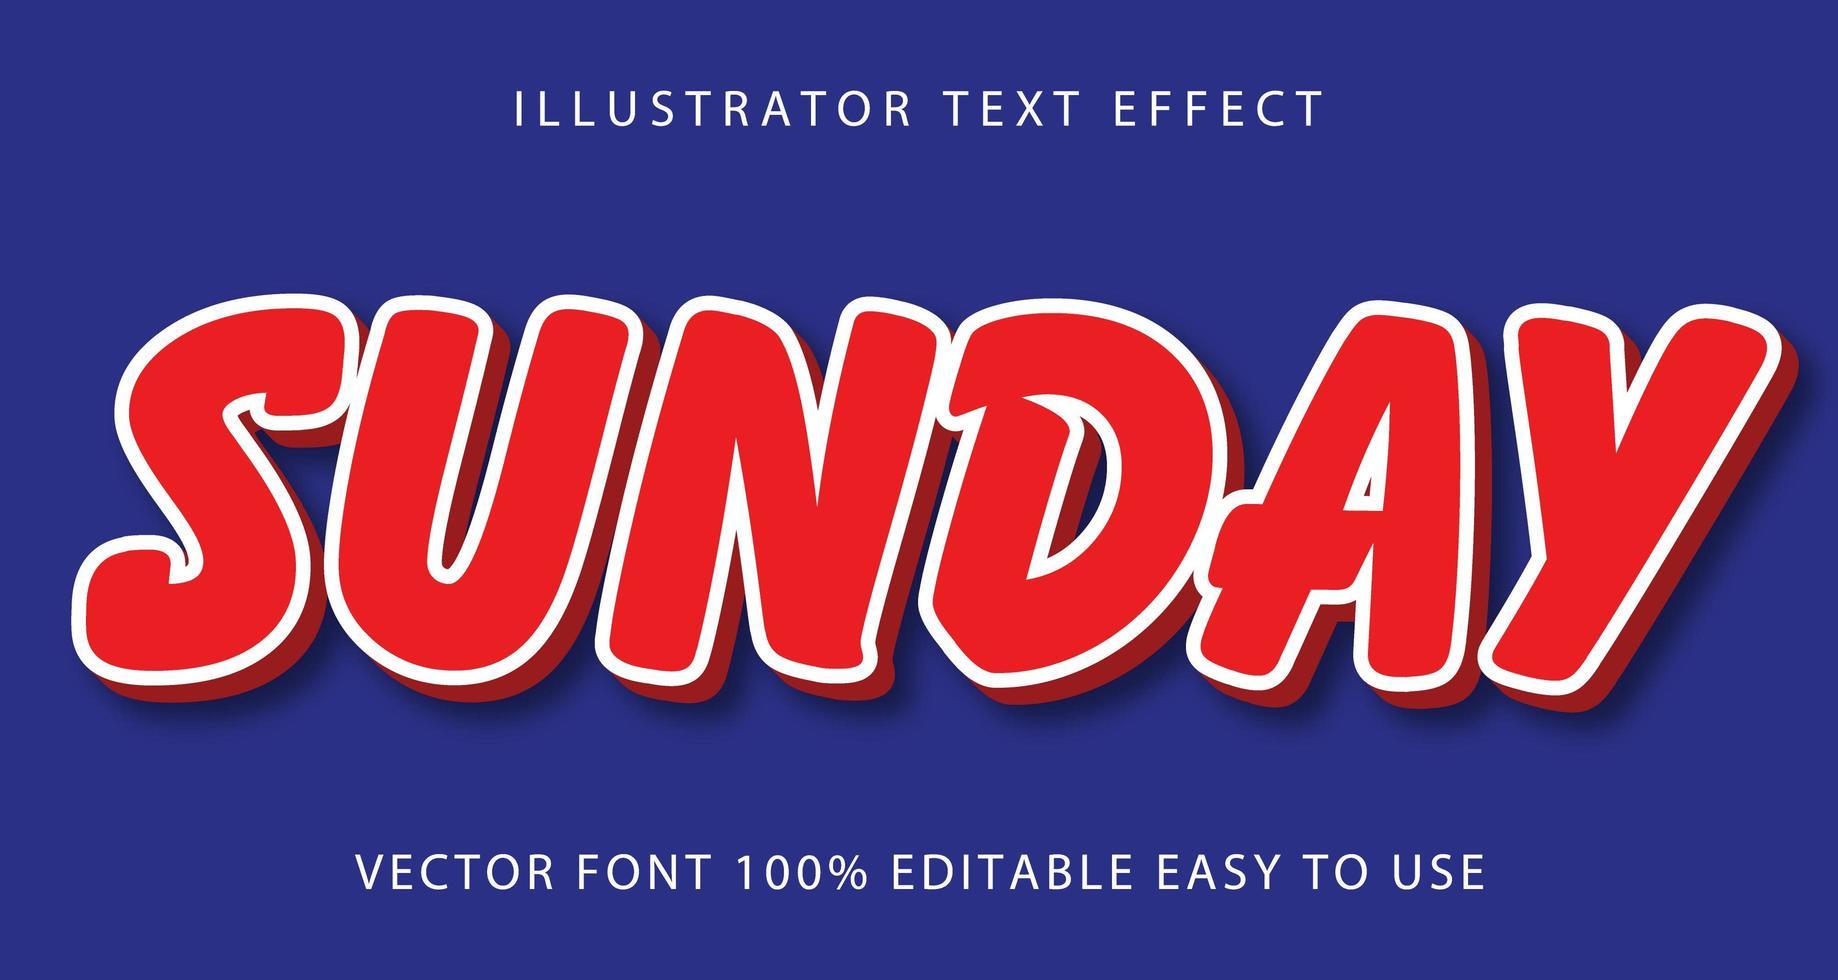 rode, witte lijn zondag teksteffect vector